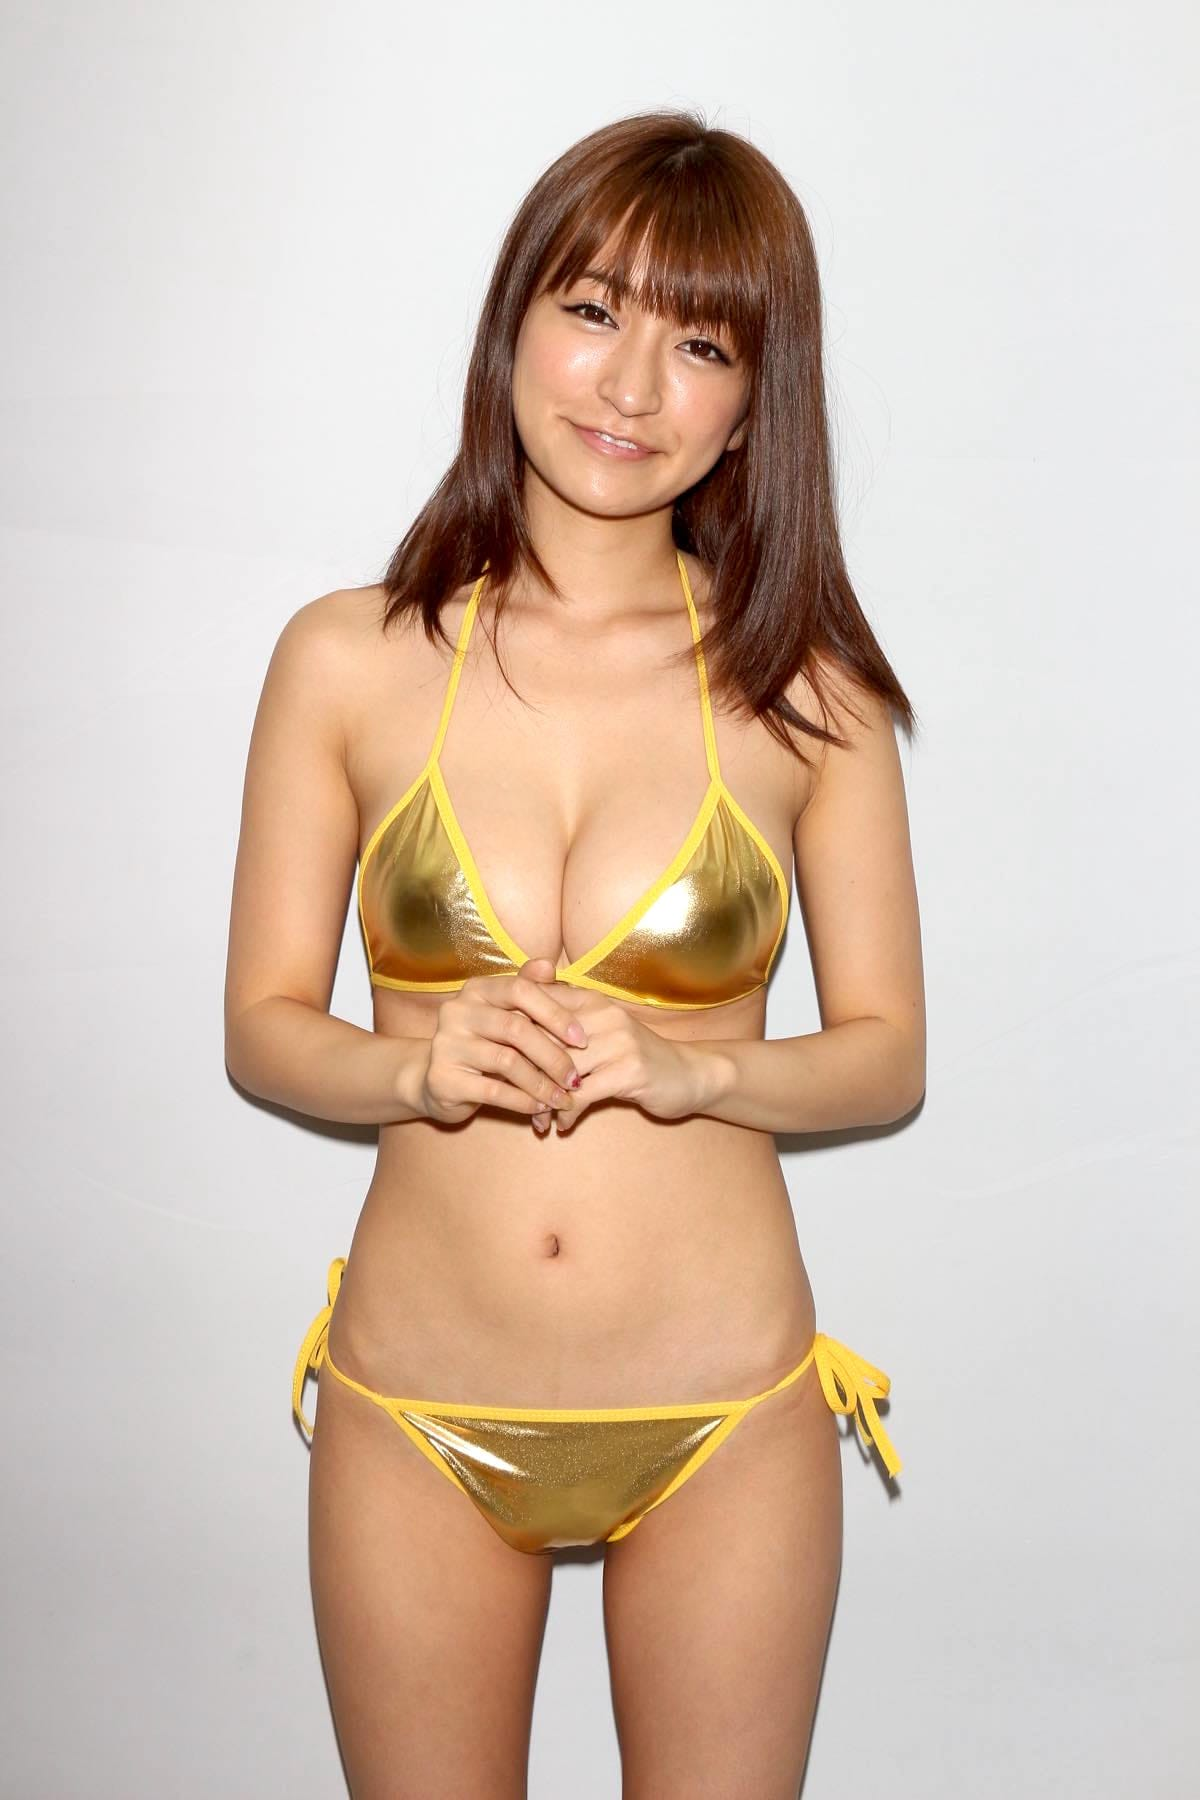 ☆HOSHINO「色気がダダ漏れ」衝撃的セクシーさで攻める!【写真25枚】の画像006